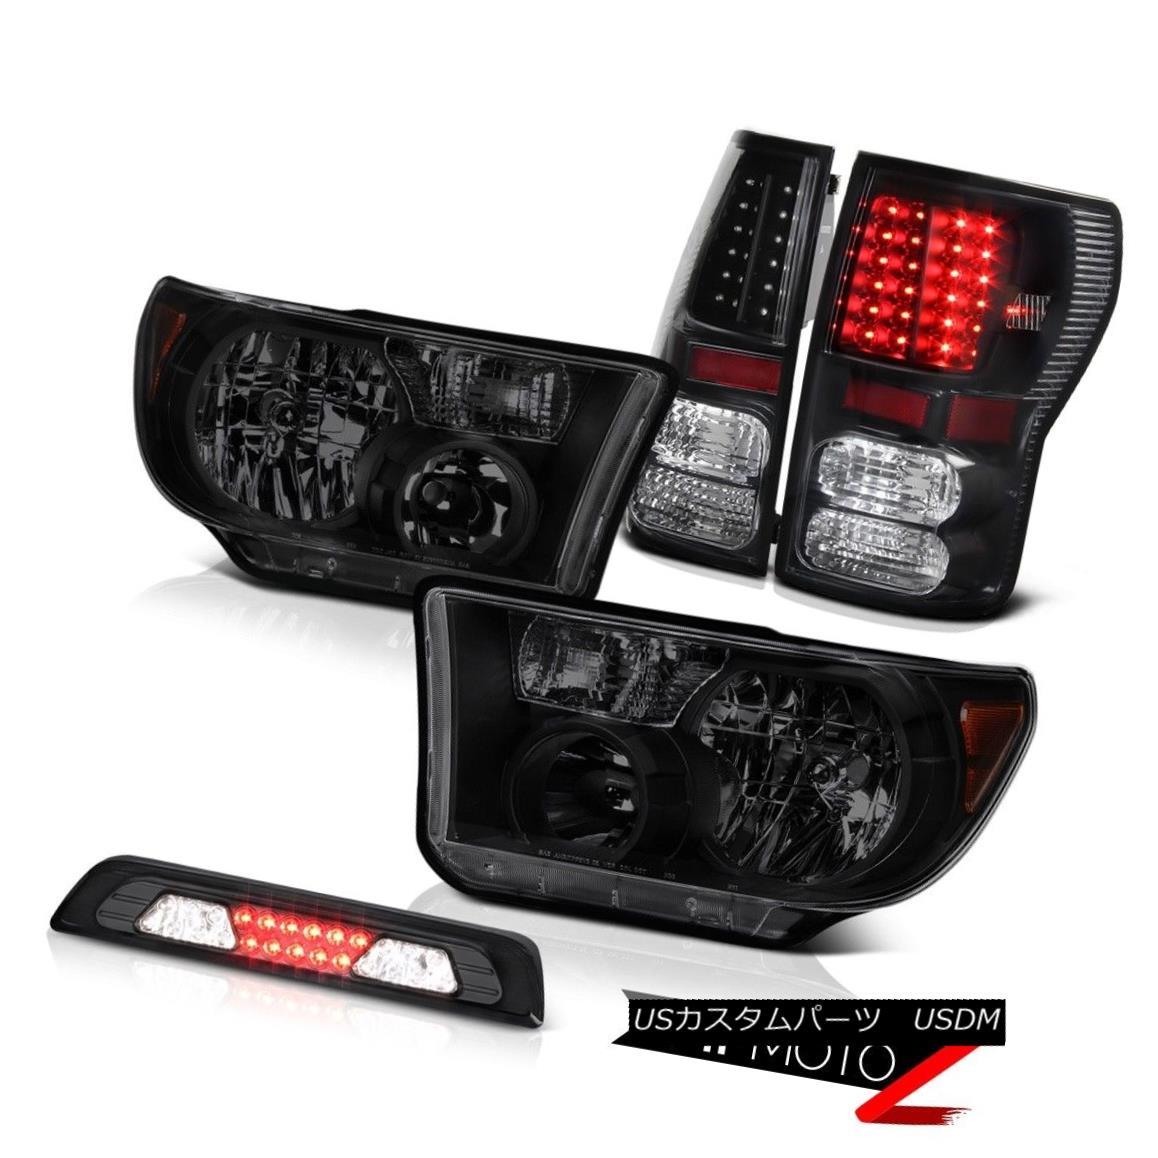 テールライト 07-13 Toyota Tundra Limited Headlamps Smokey 3RD Brake Lamp Tail Lights Assembly 07-13 Toyota Tundra LimitedヘッドランプSmokey 3RDブレーキランプテールライトアセンブリ